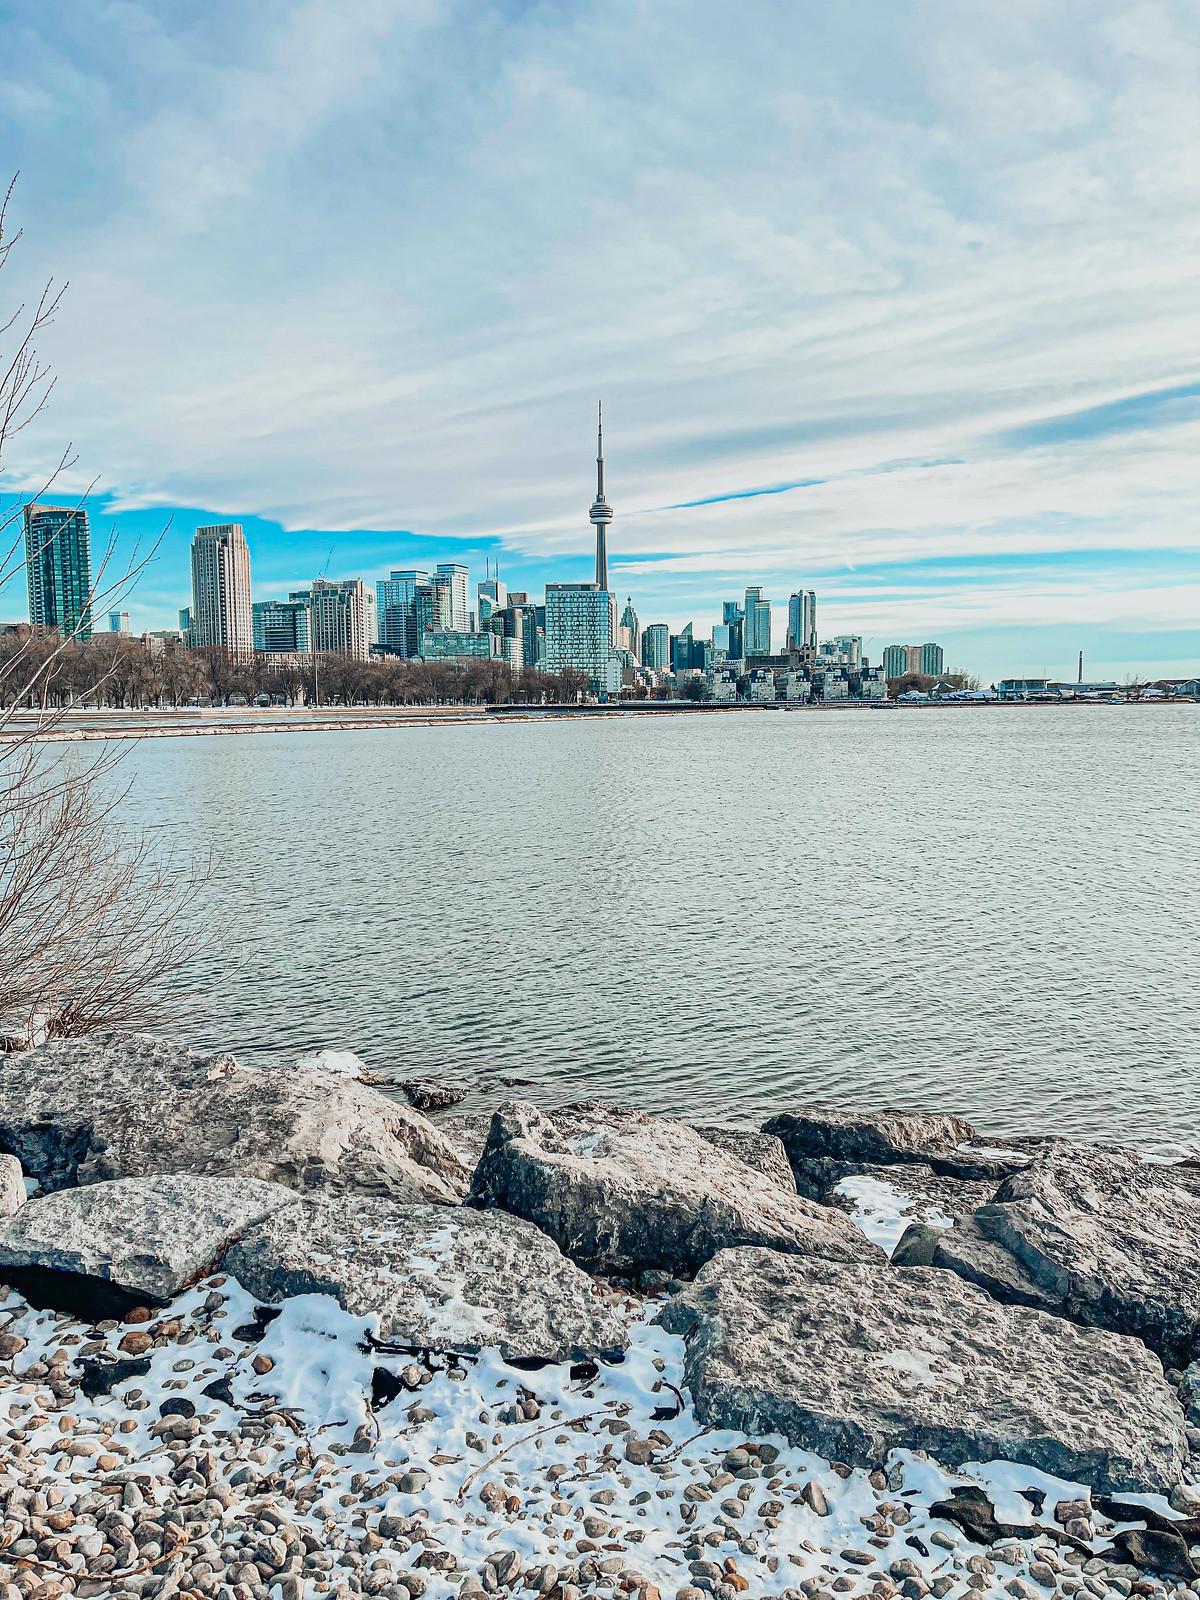 The Week in Toronto